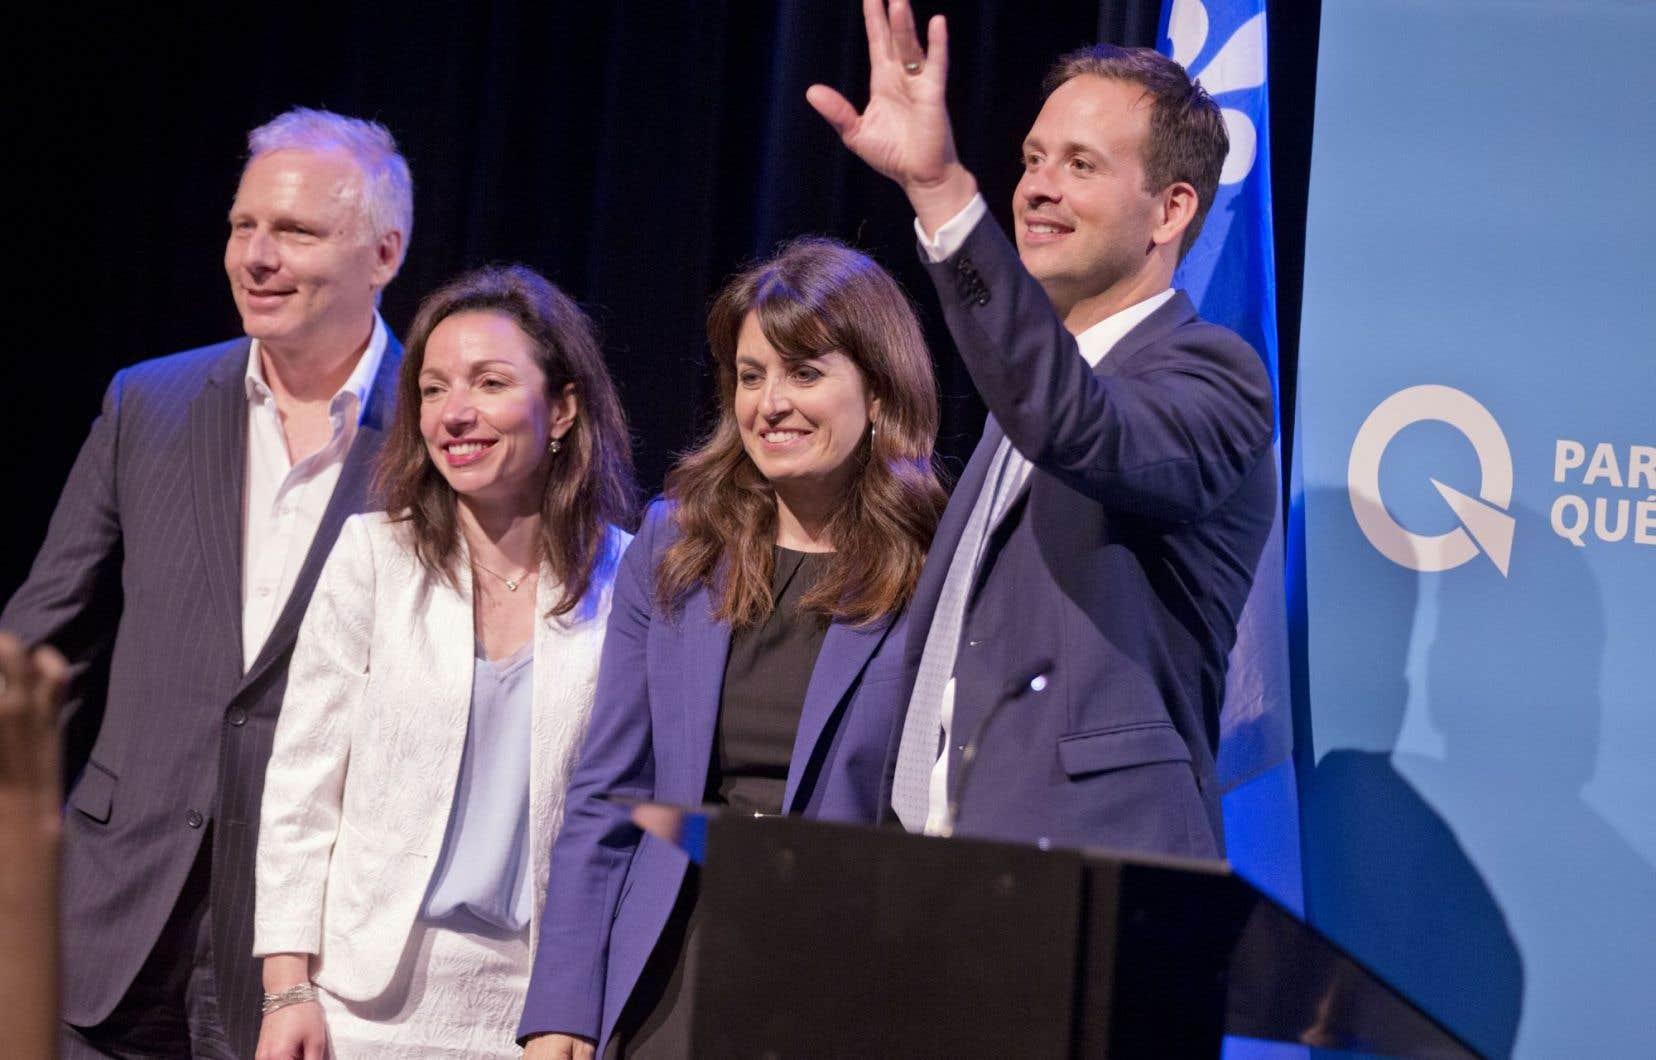 Sur les quatre candidats en lice pour la course à la direction du Parti québécois, Alexandre Cloutier (complètement à droite) et Jean-François Lisée (complètement à gauche) se démarquent.